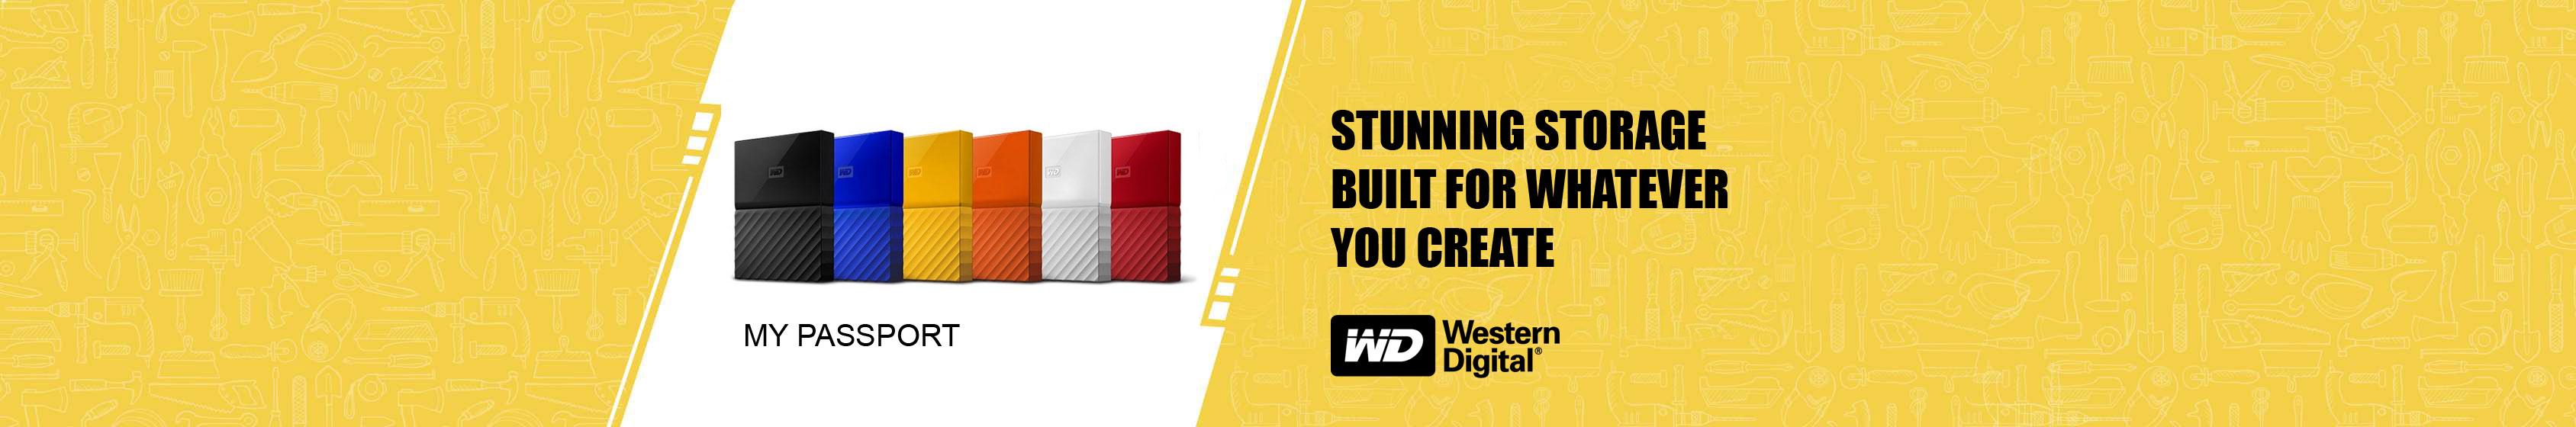 western-digital-hdd